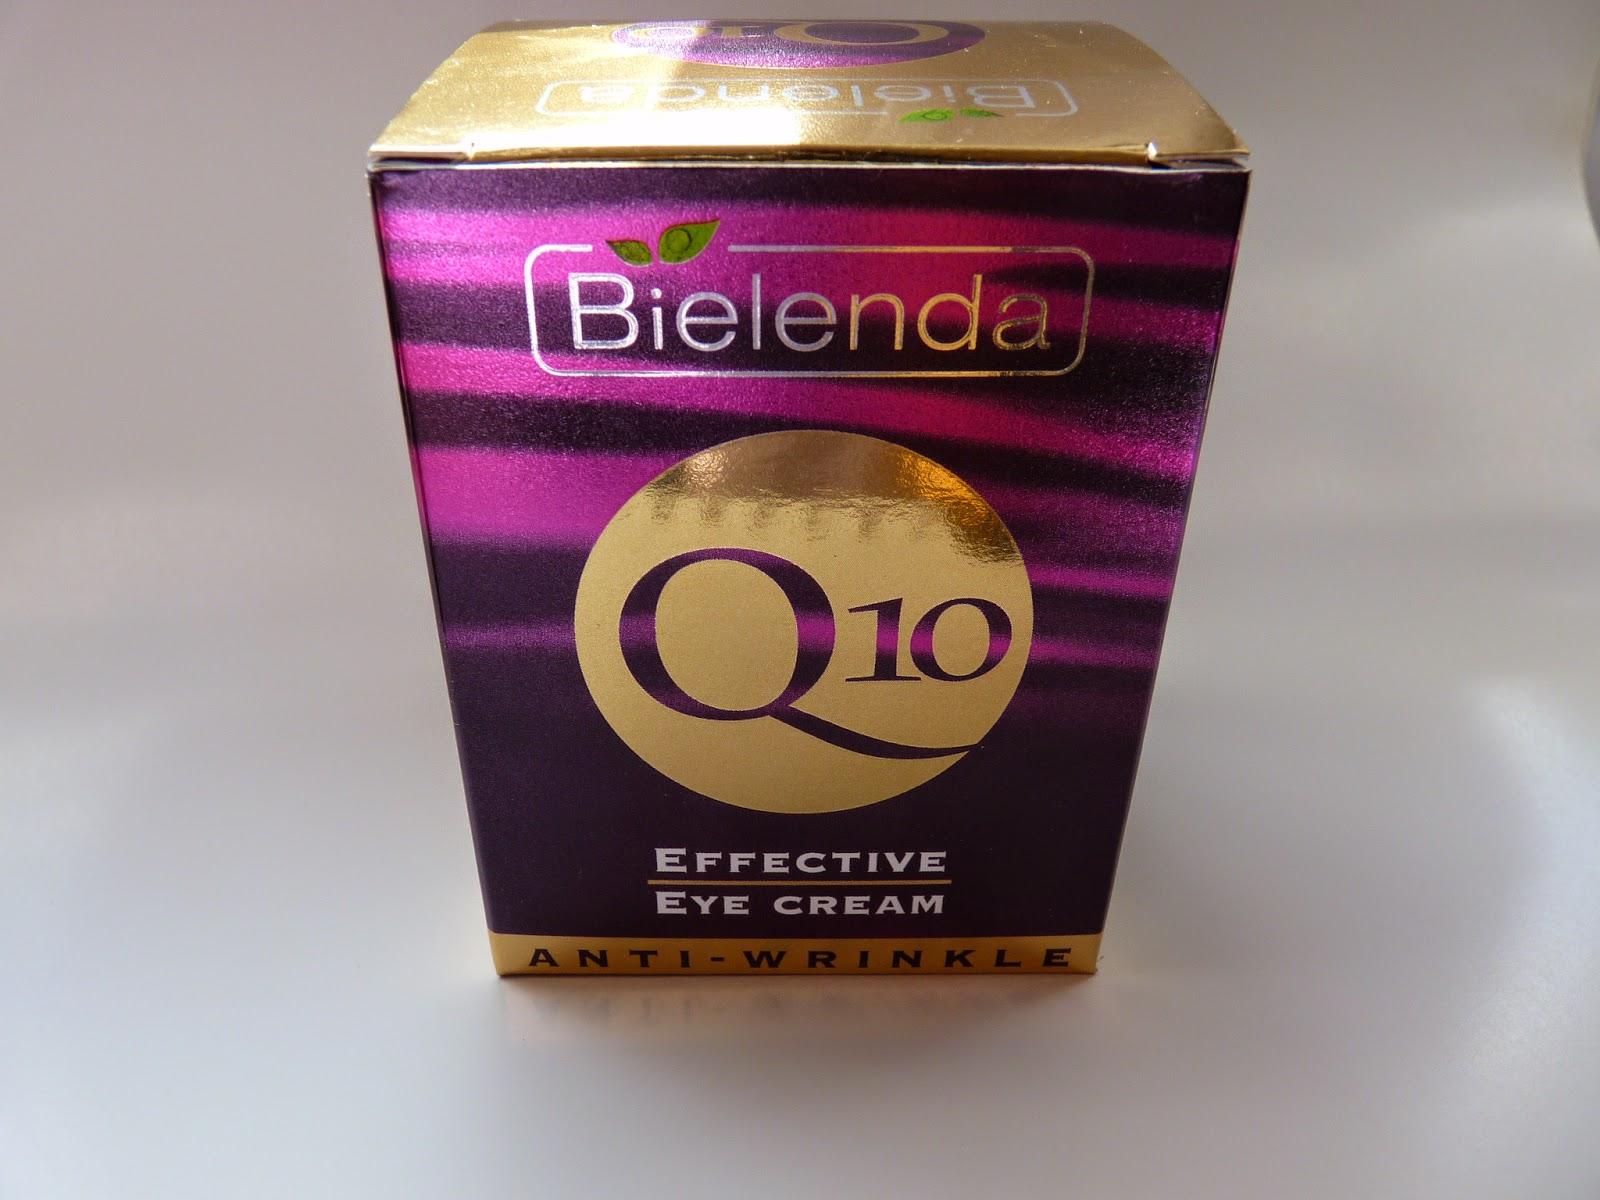 Bielenda Q10 Skuteczny krem przeciwzmarszczkowy pod oczy